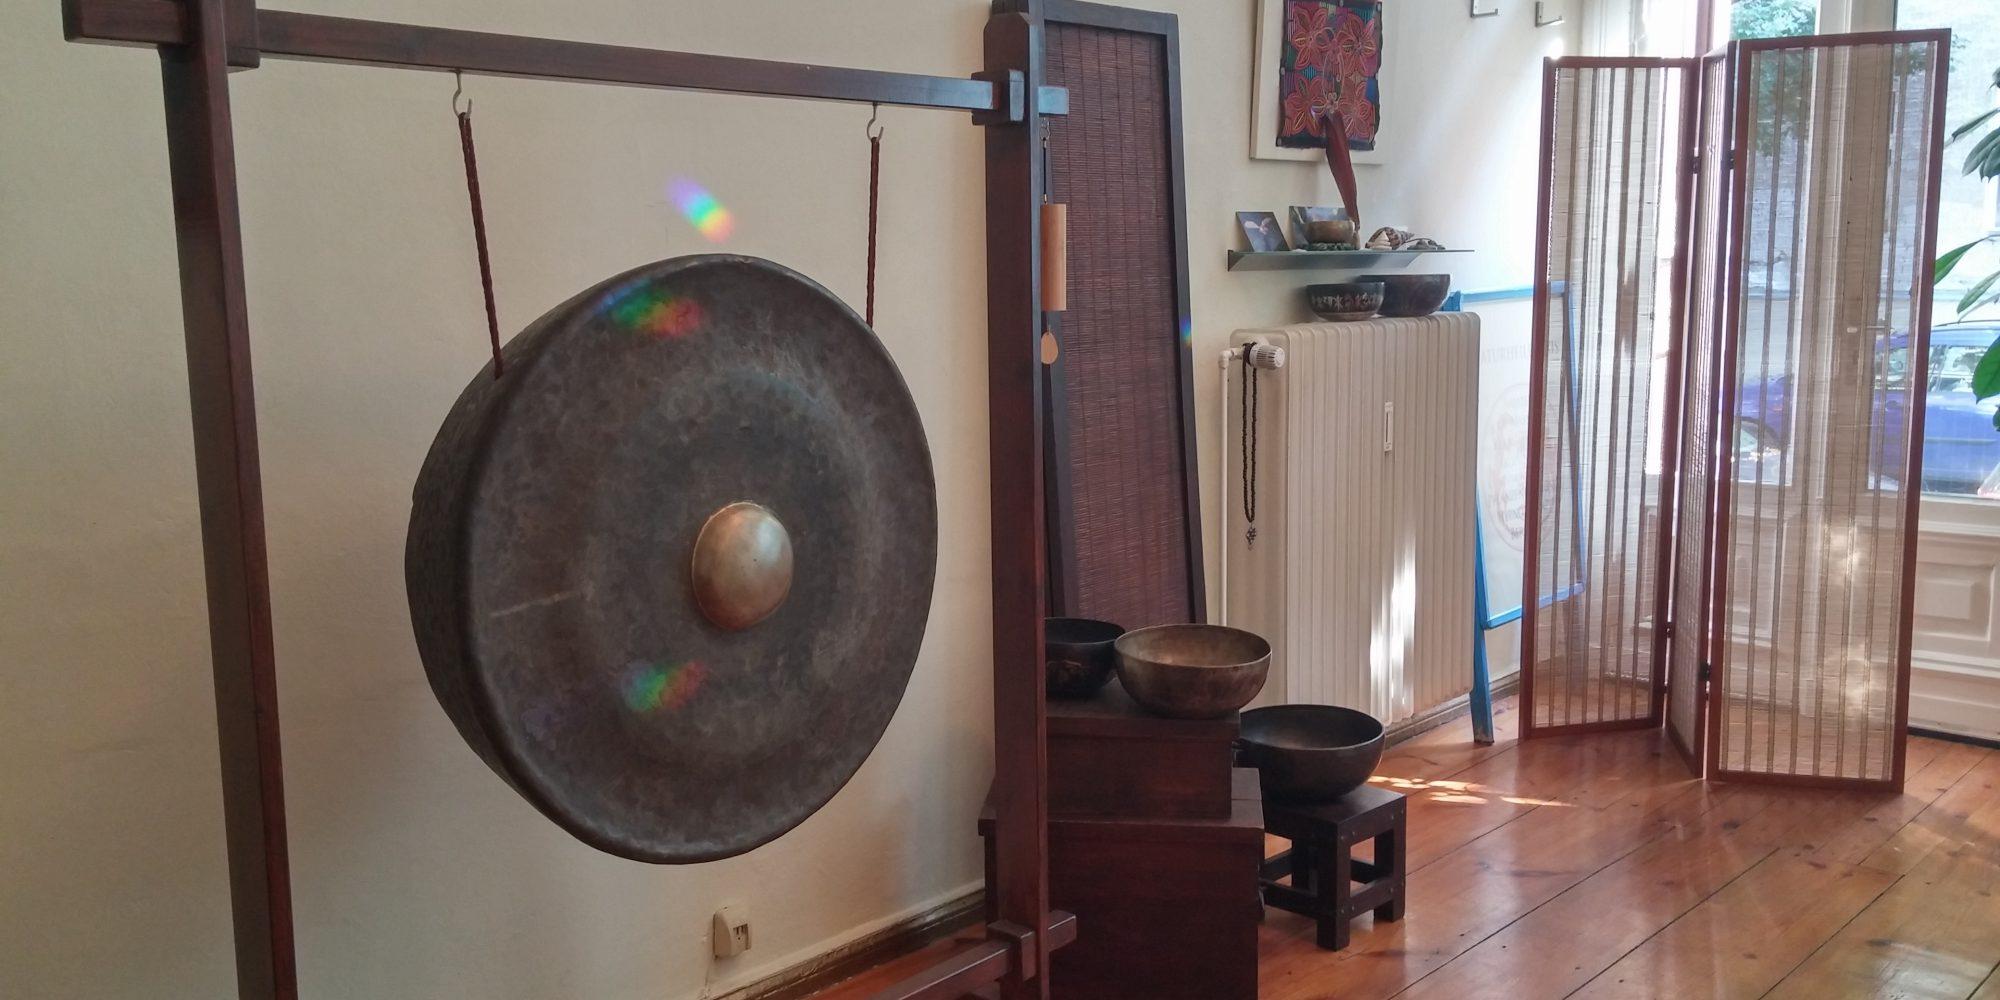 Praxis und Preise Hypnotherapie Hypnose Klangmassage Berlin